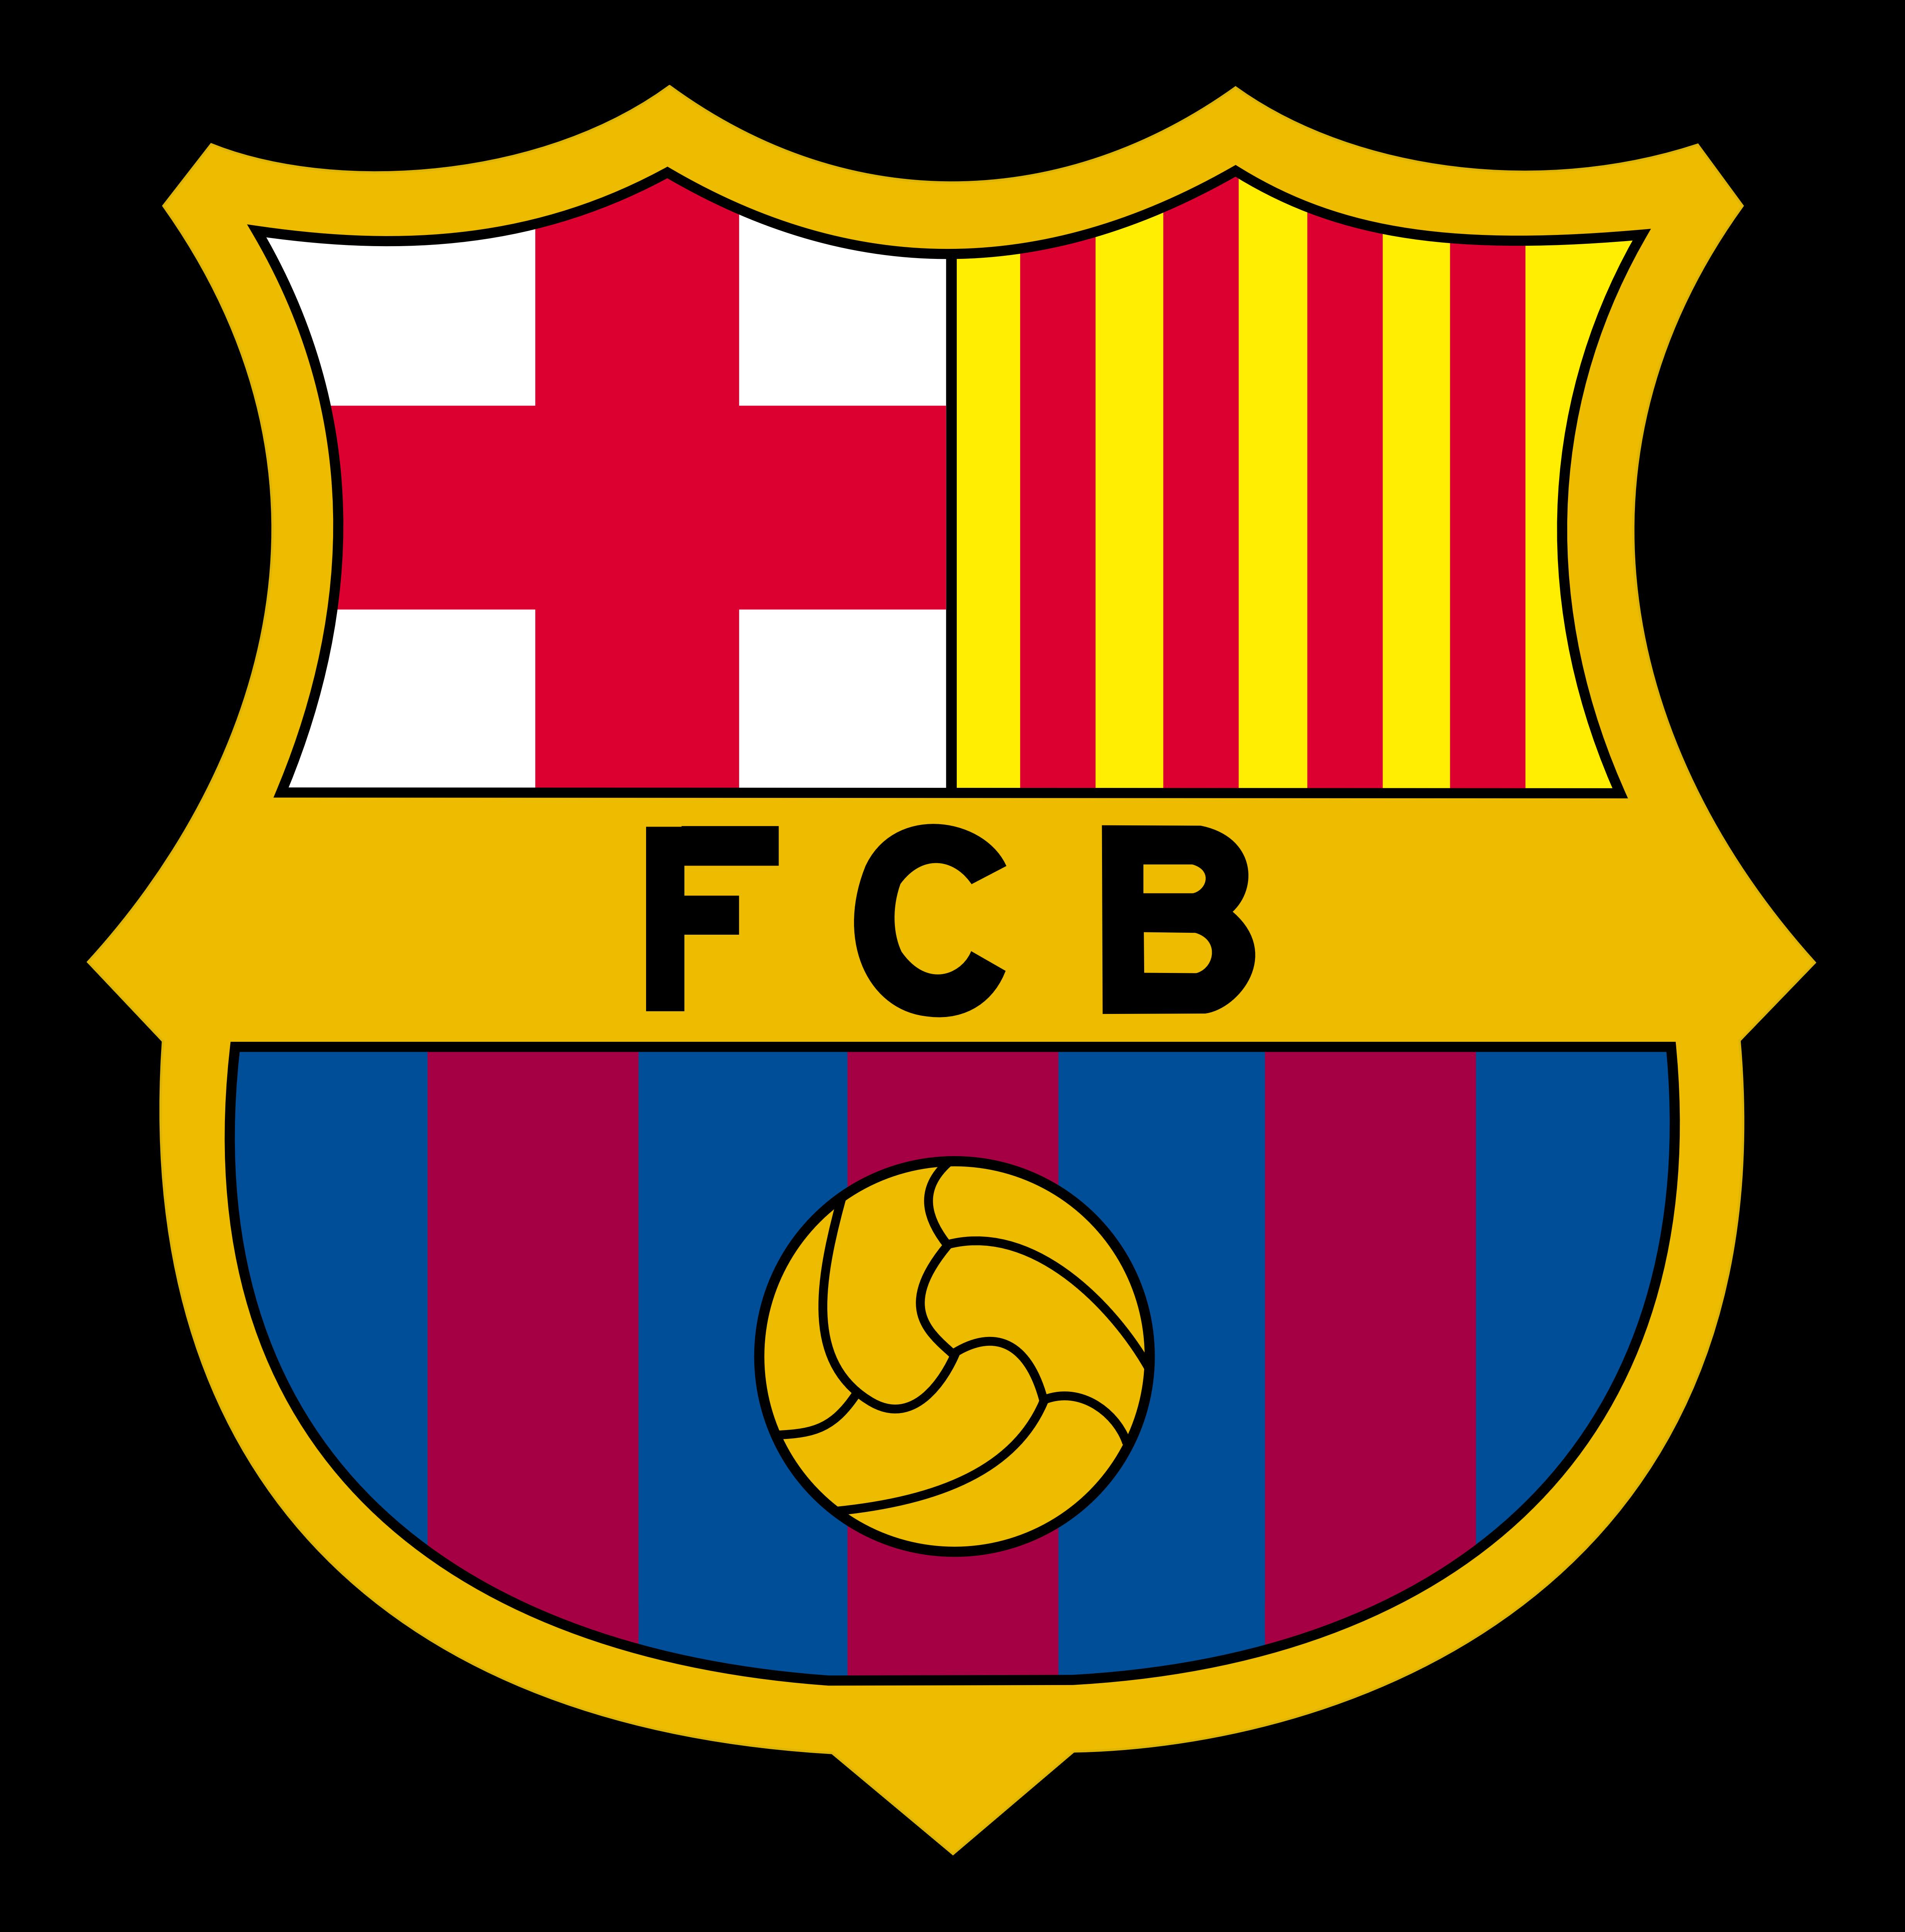 fc barcelona logos download ny yankees logo vector free ny yankees logo vector free